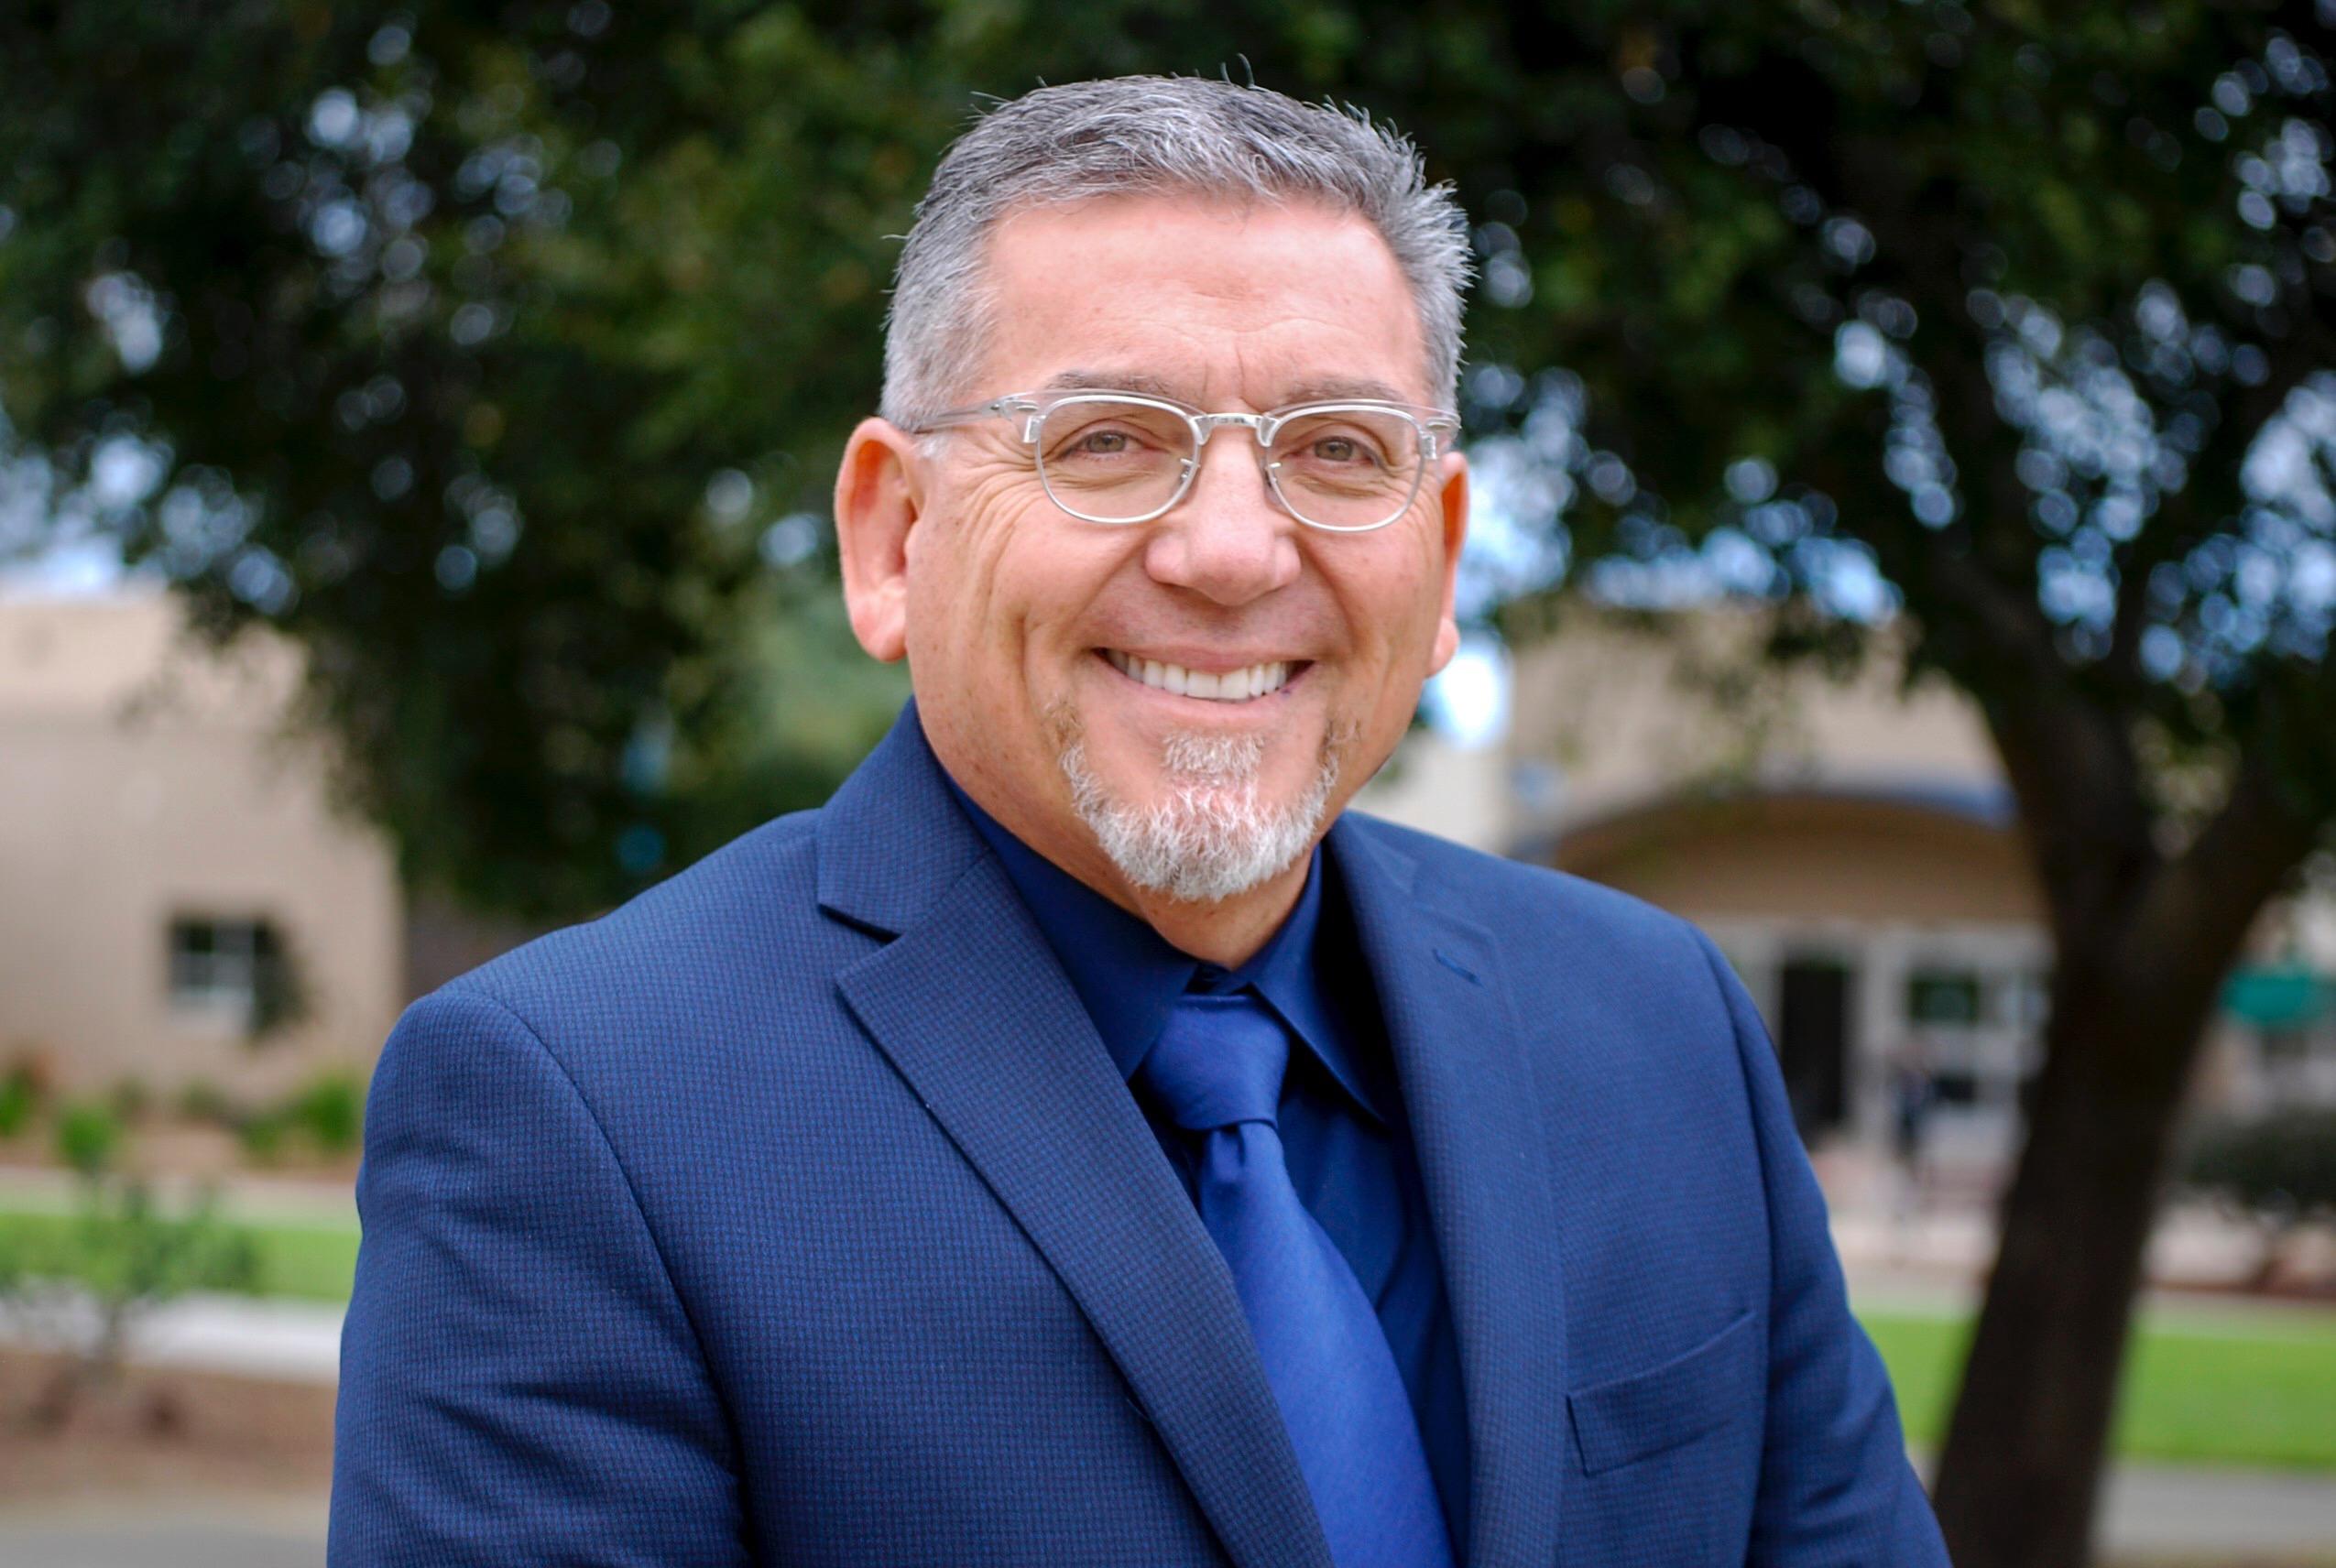 Provost Jose Luis Alvarado